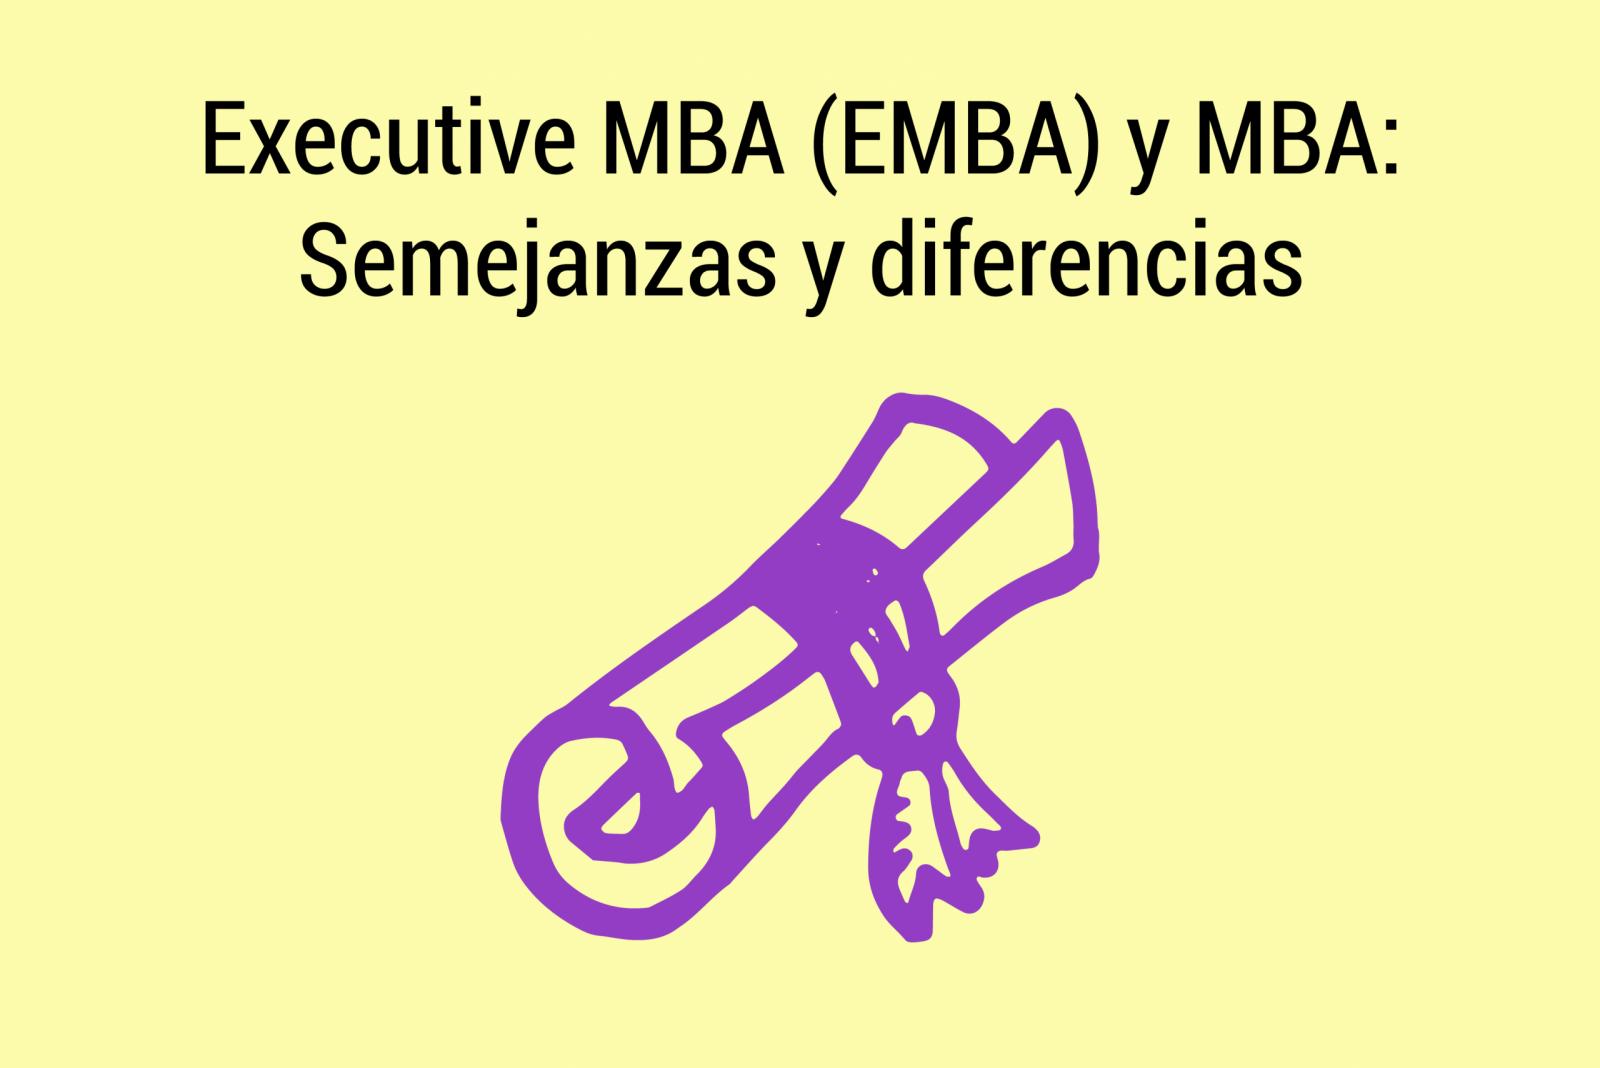 Executive MBA y MBA- Semejanzas y diferencias